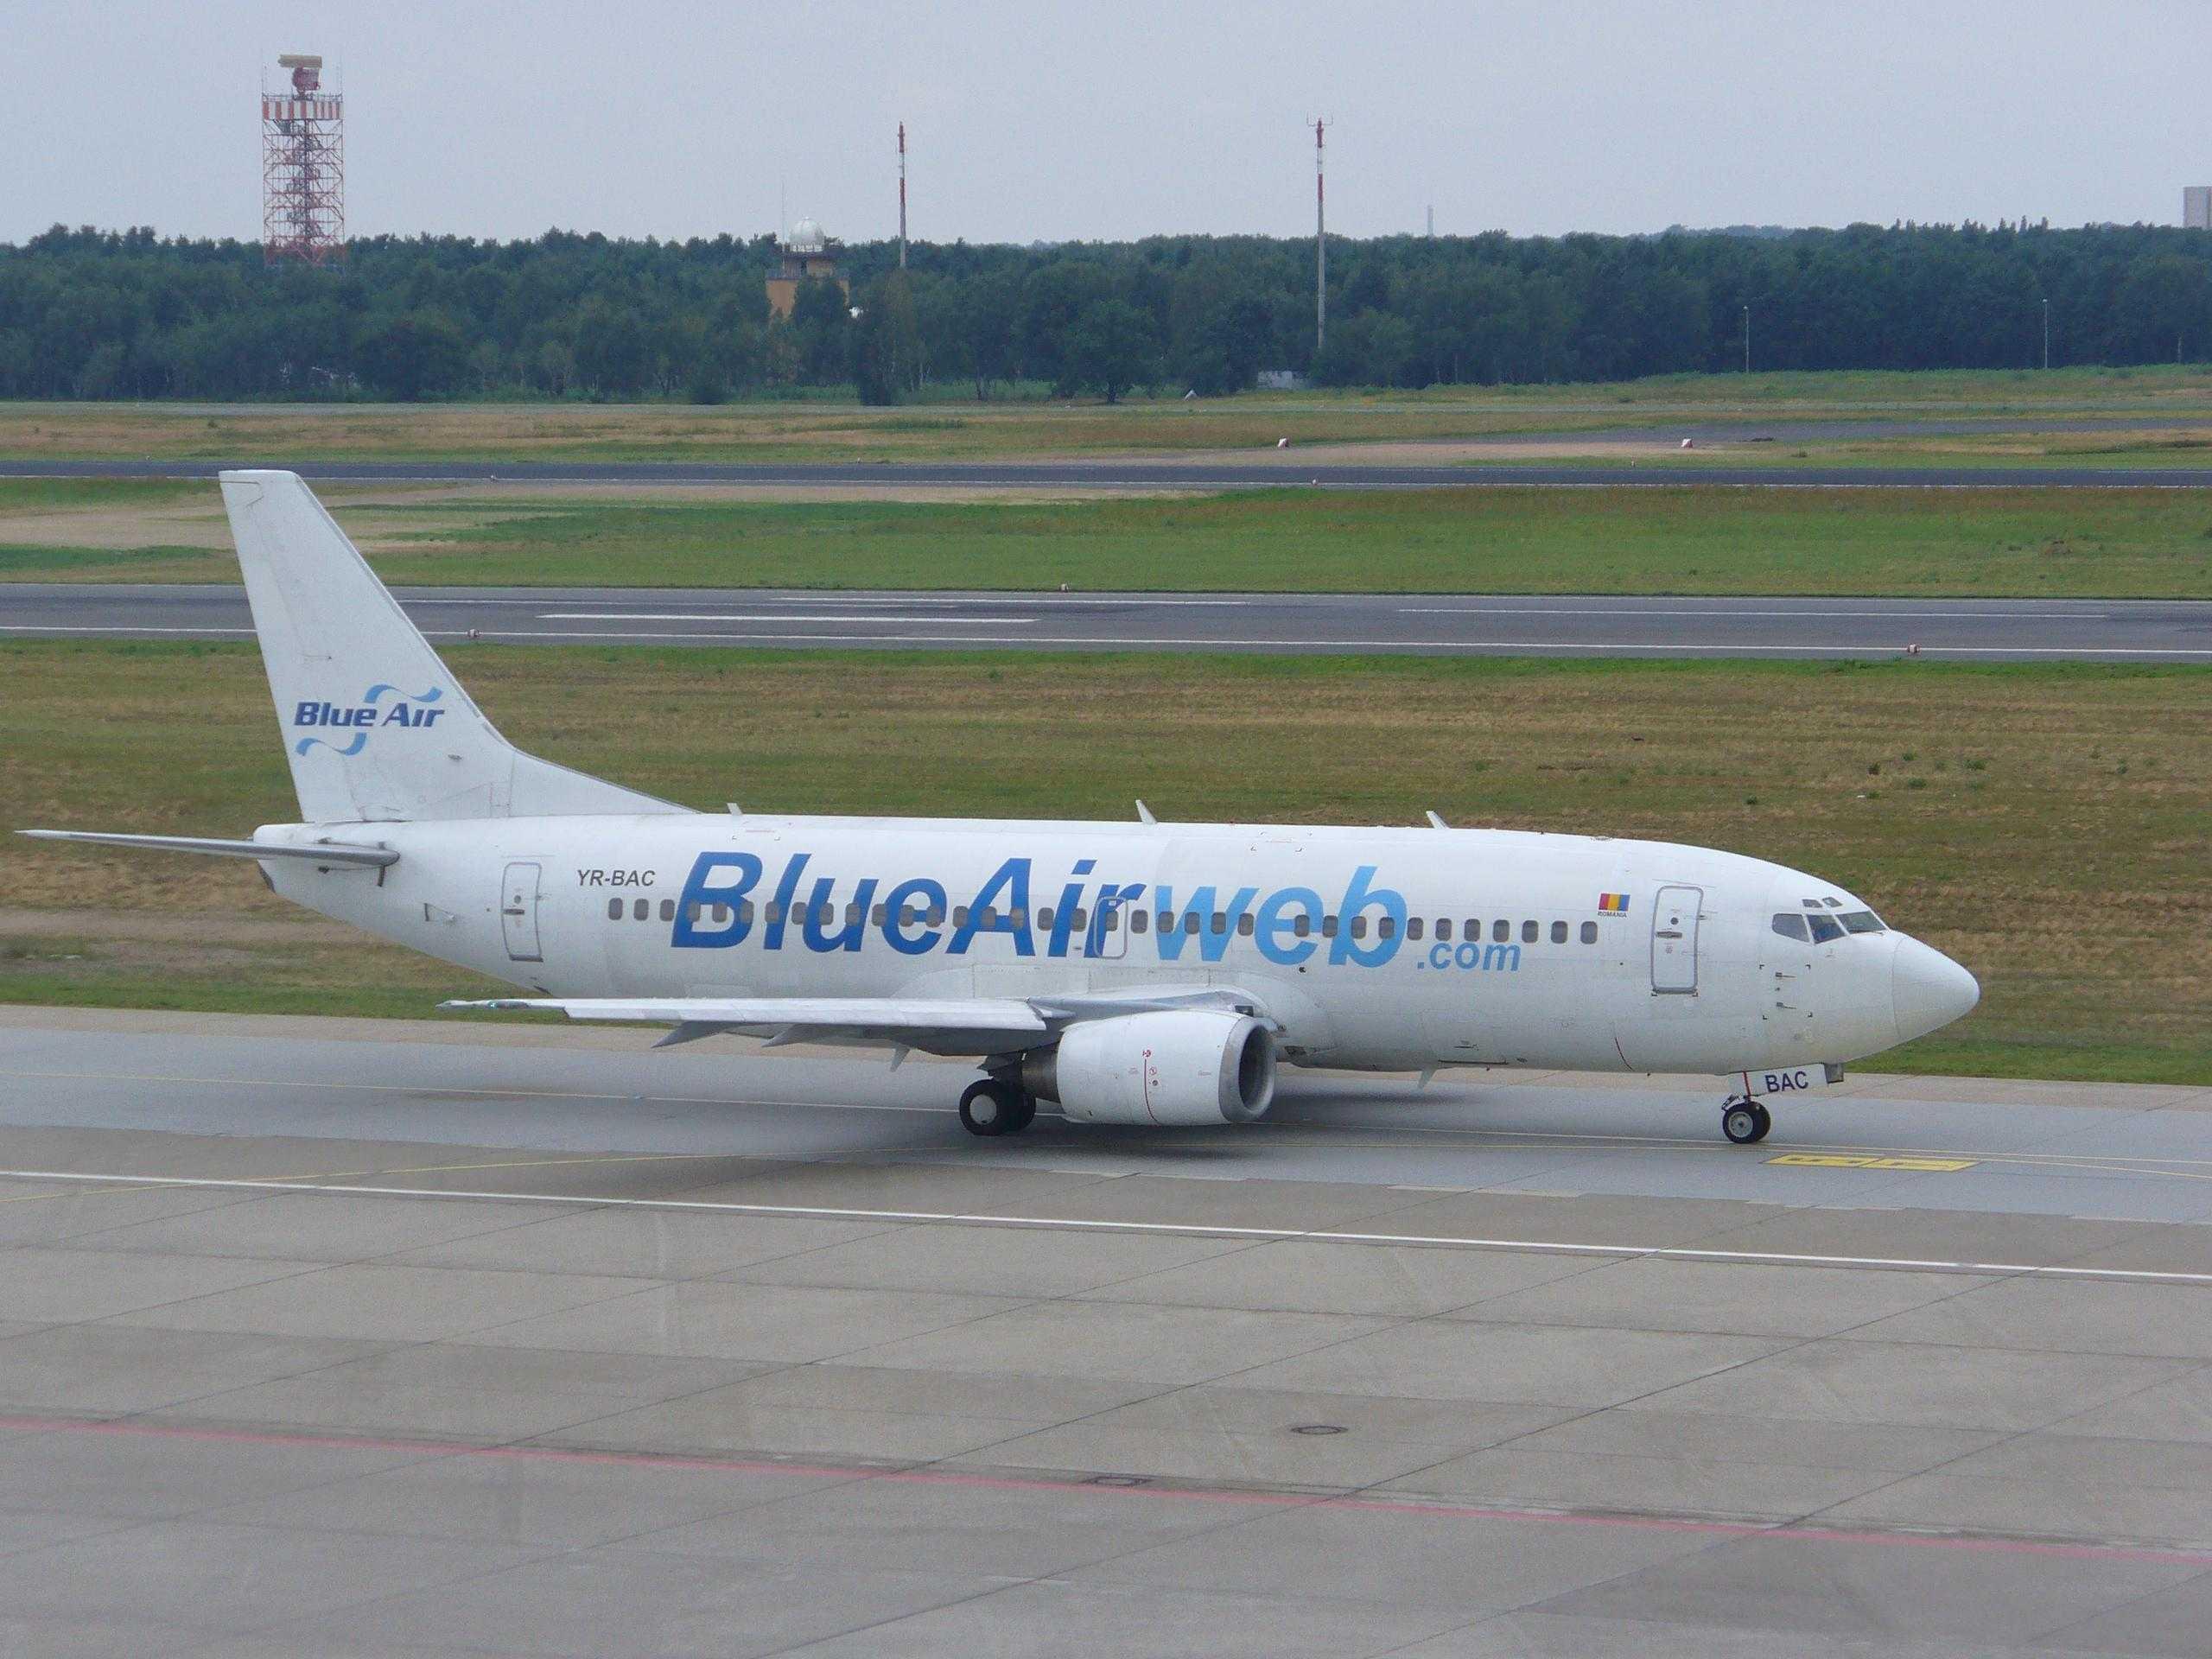 Blue_Air_737-300